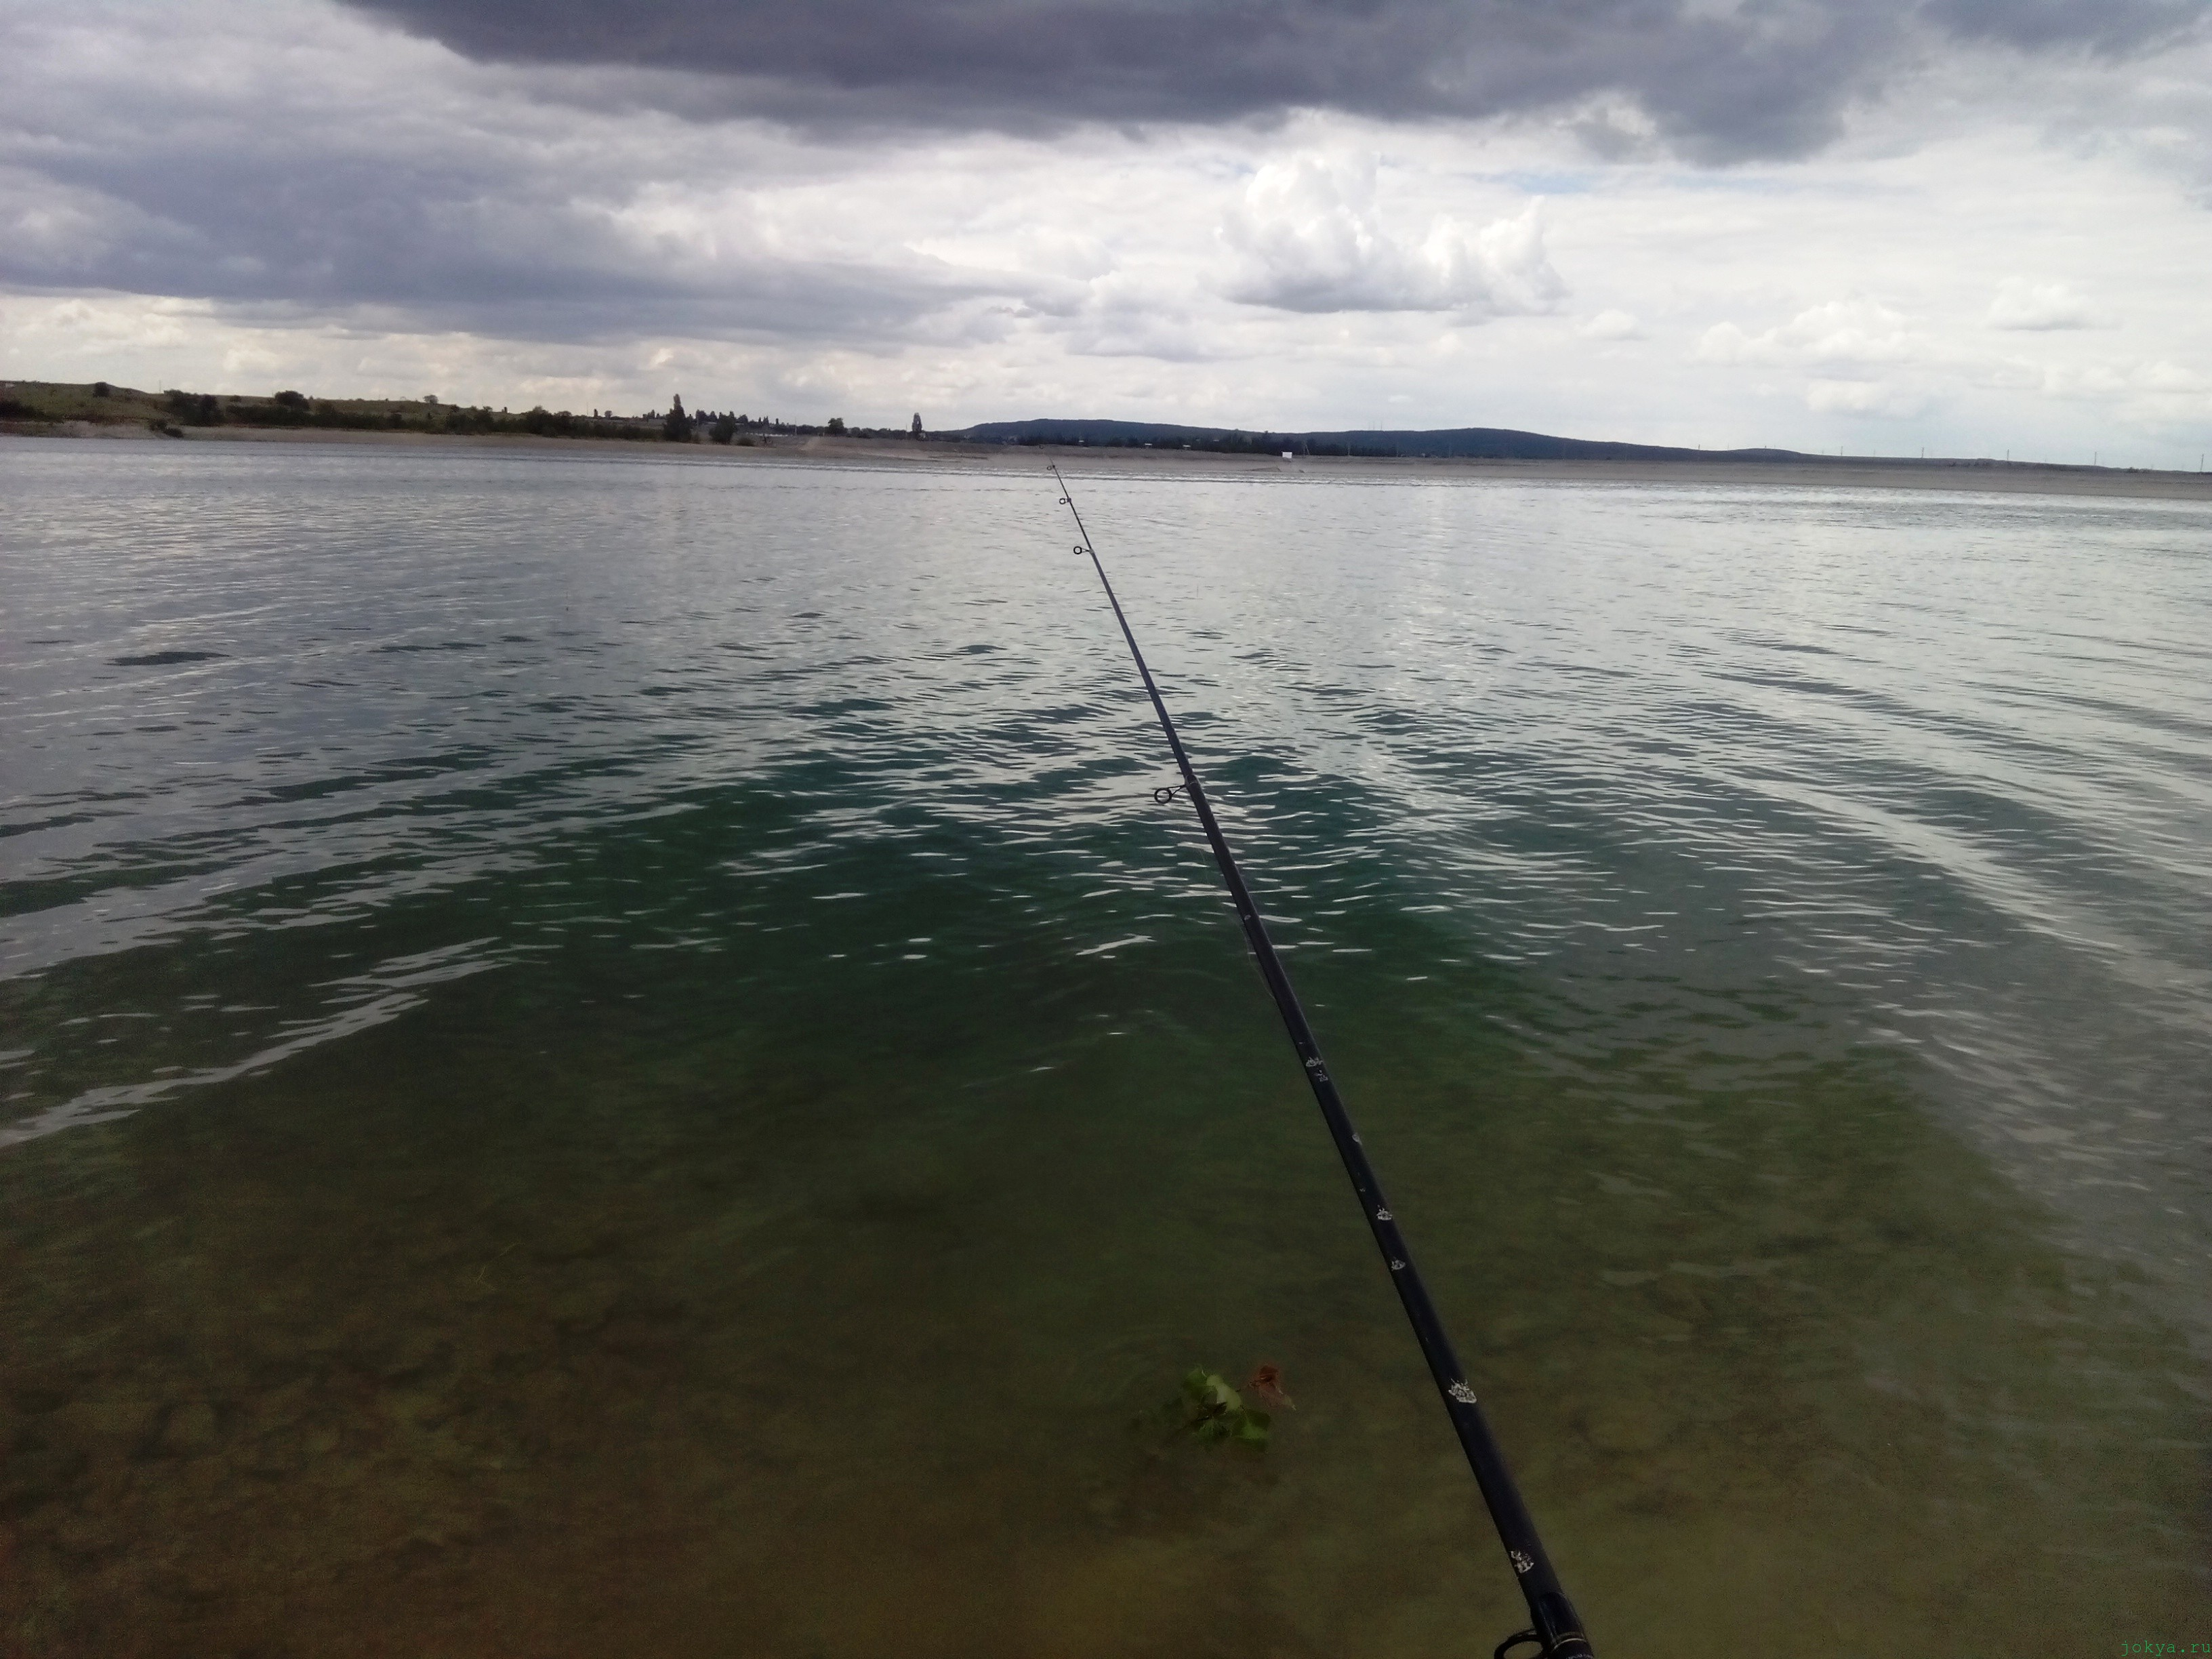 Белогорское водохранилище: кемпинг, отдых, рыбалка фото заметка о Крыме jokya.ru